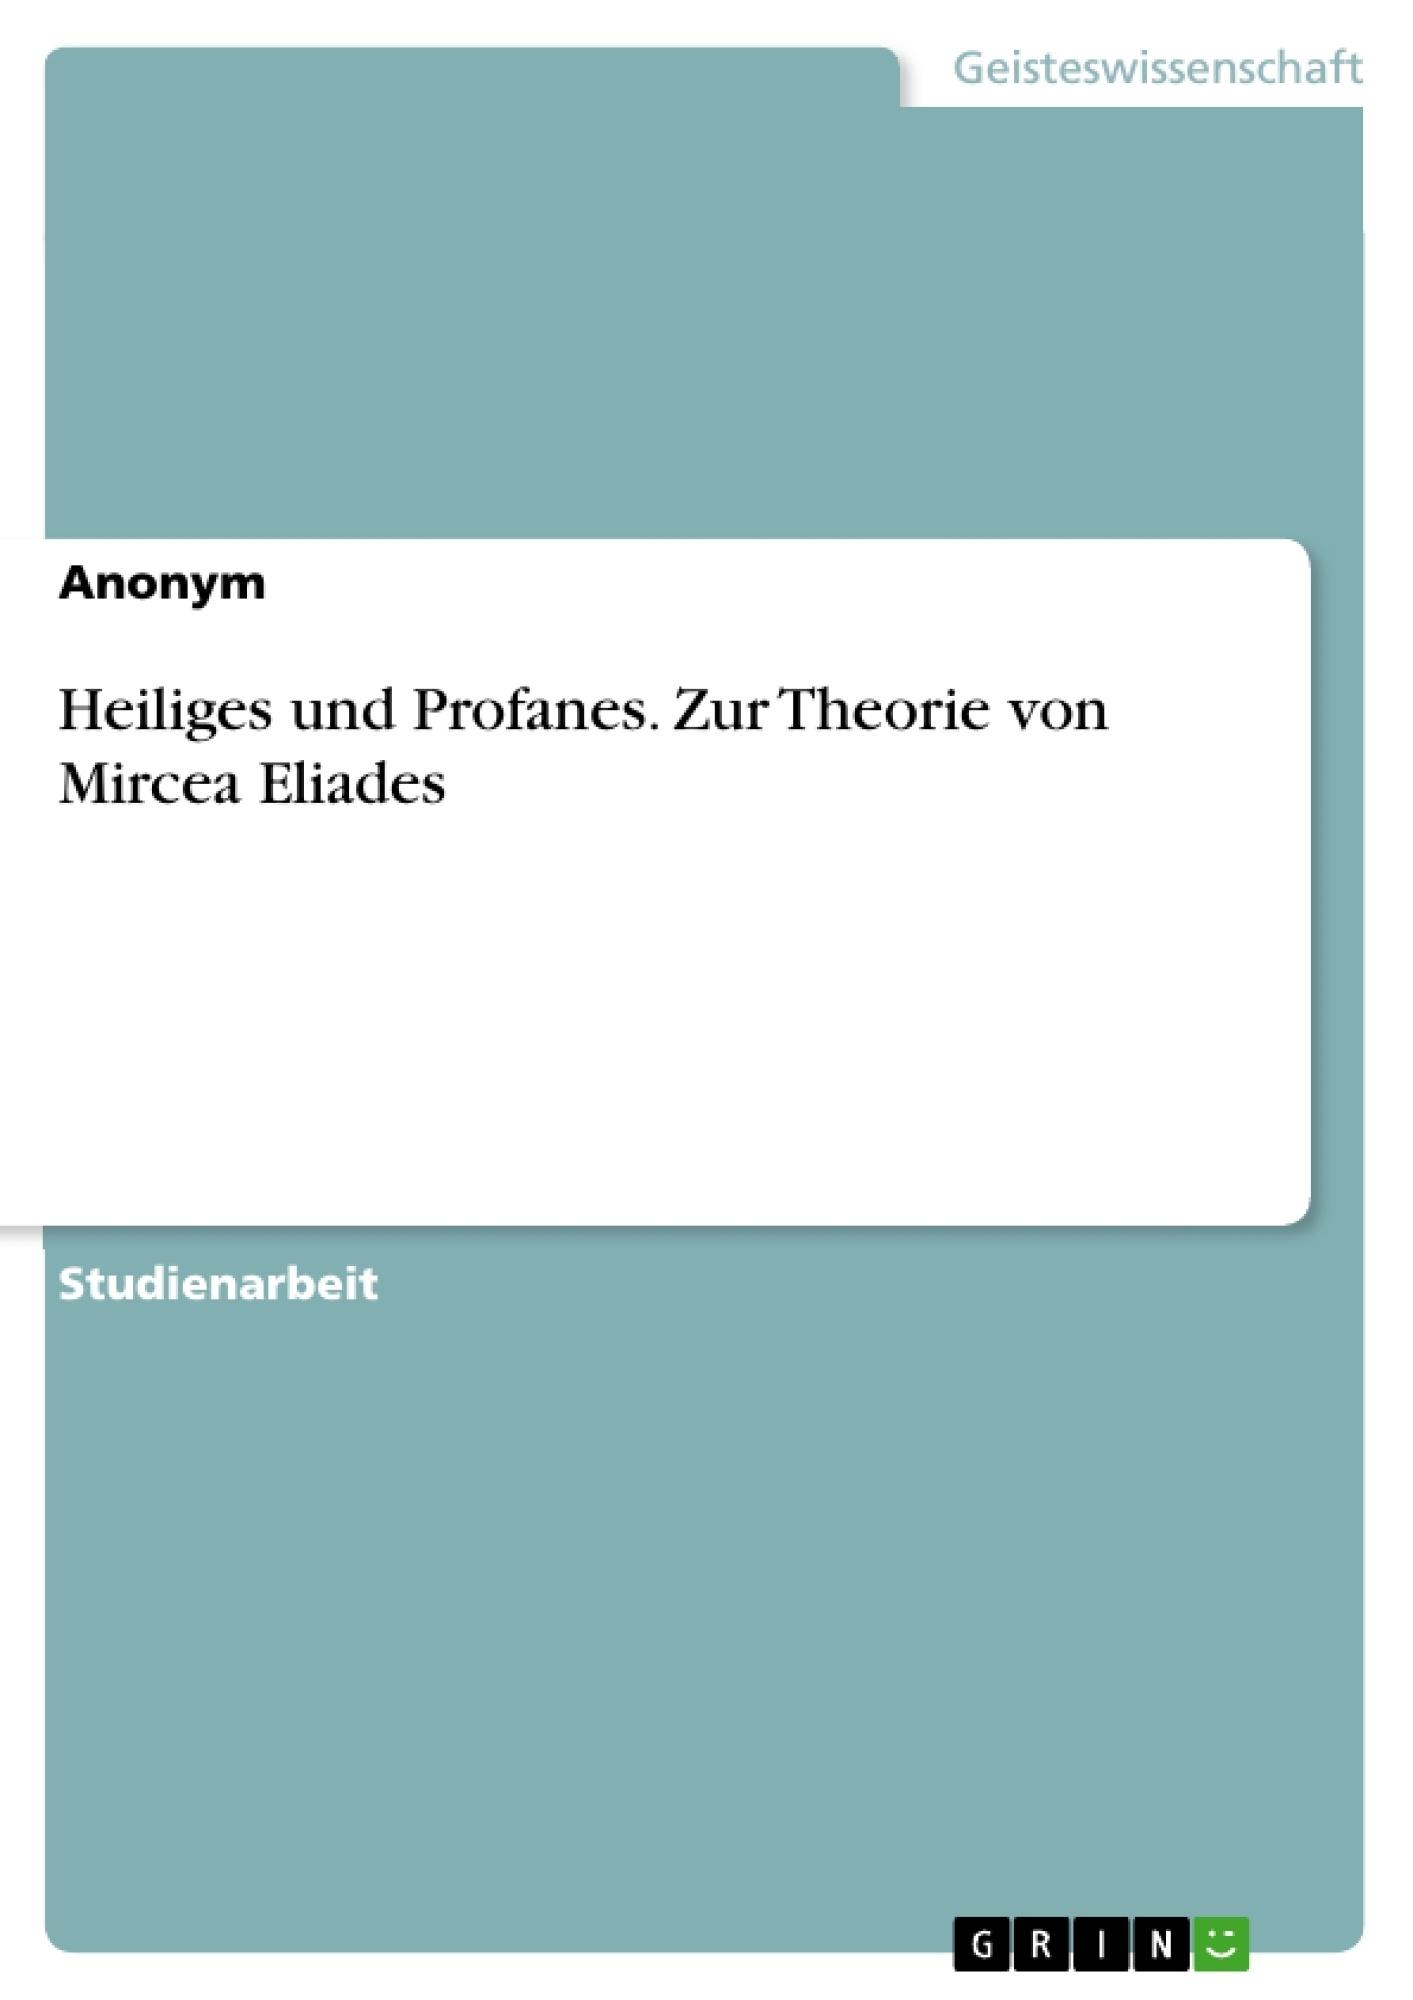 Titel: Heiliges und Profanes. Zur Theorie von Mircea Eliades